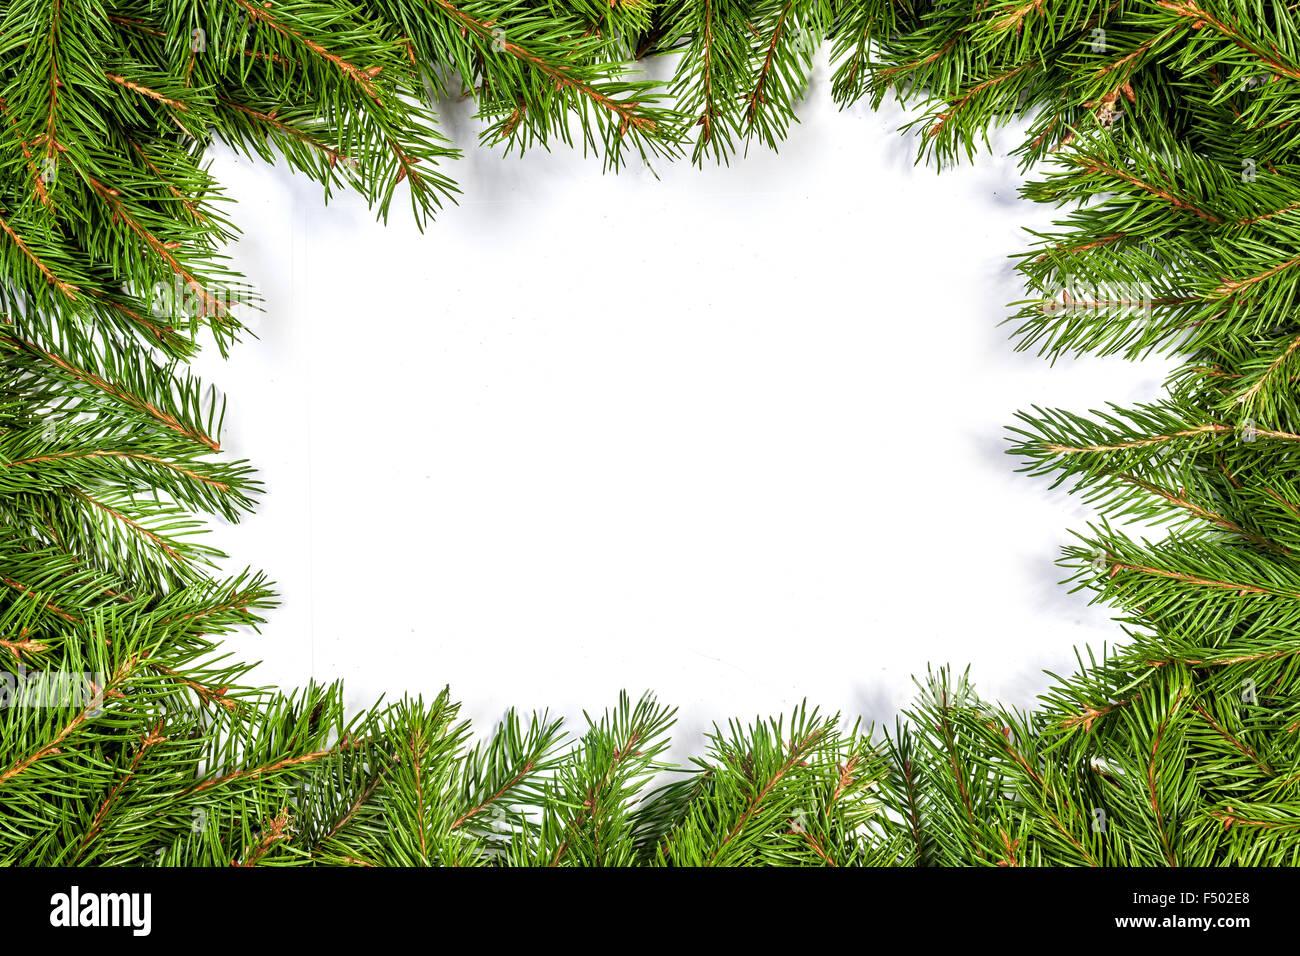 Weihnachten grün Rahmen isoliert auf weißem Hintergrund Stockfoto ...